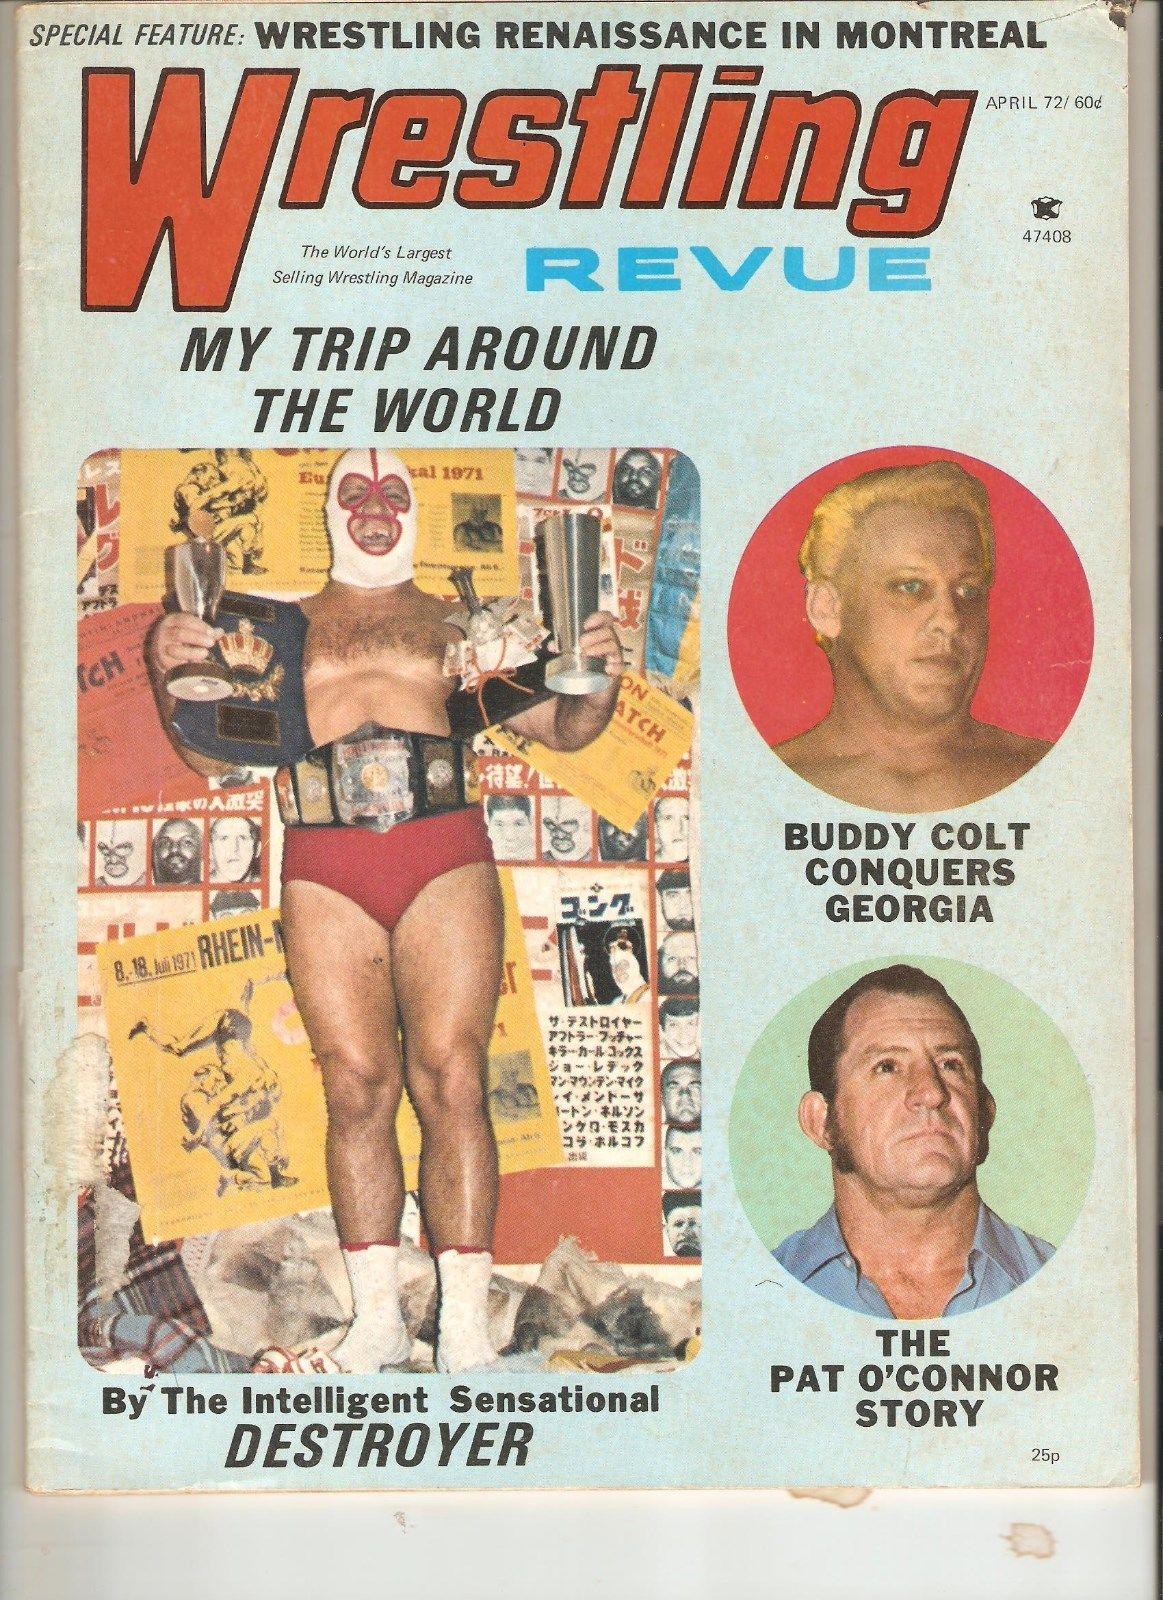 Wrestling Revue - April 1972